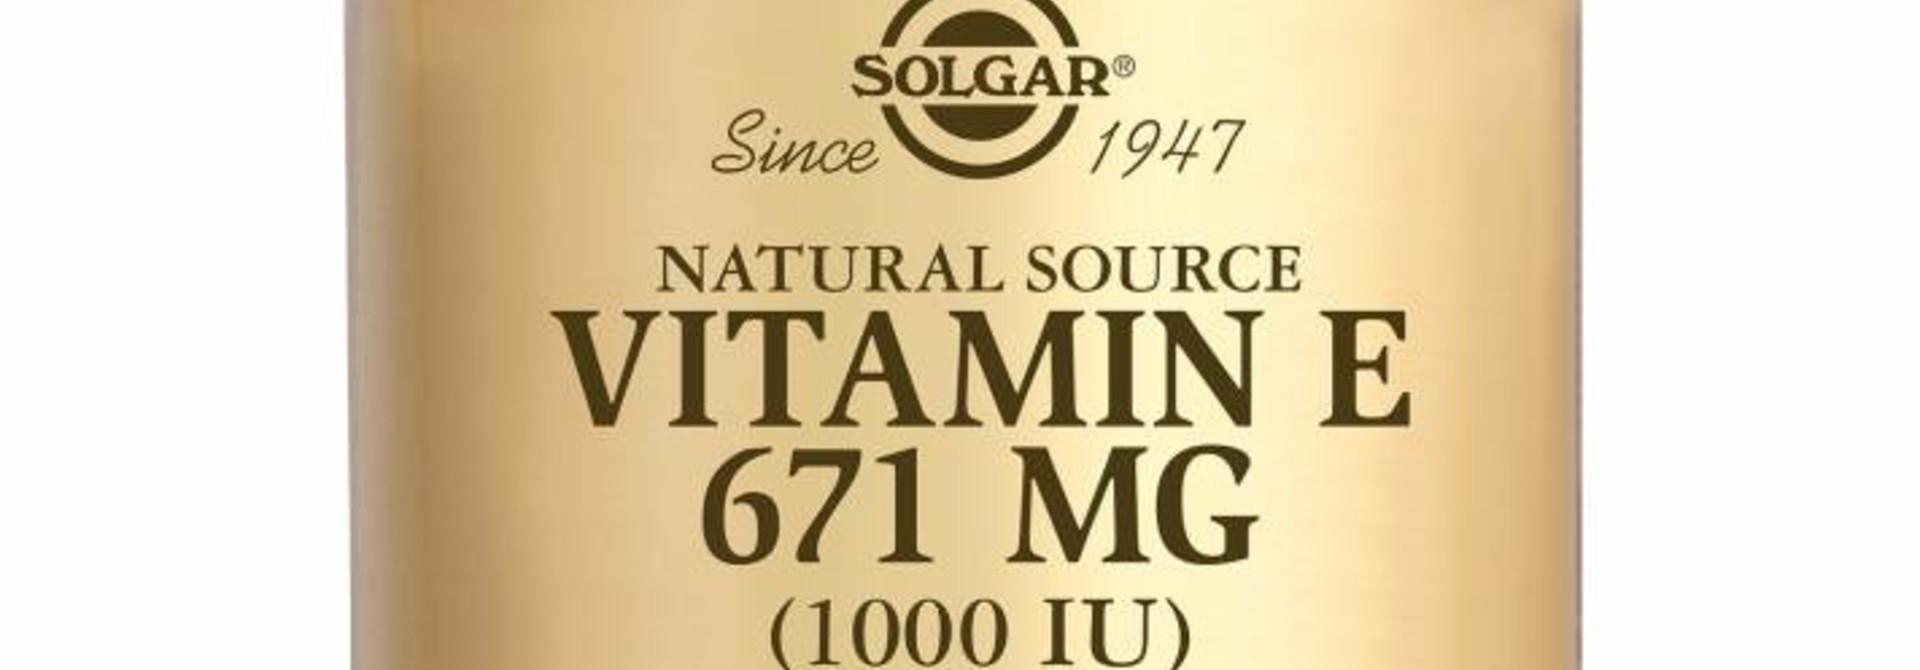 Vitamin E 671 mg/1000 IU Complex 50 softgels